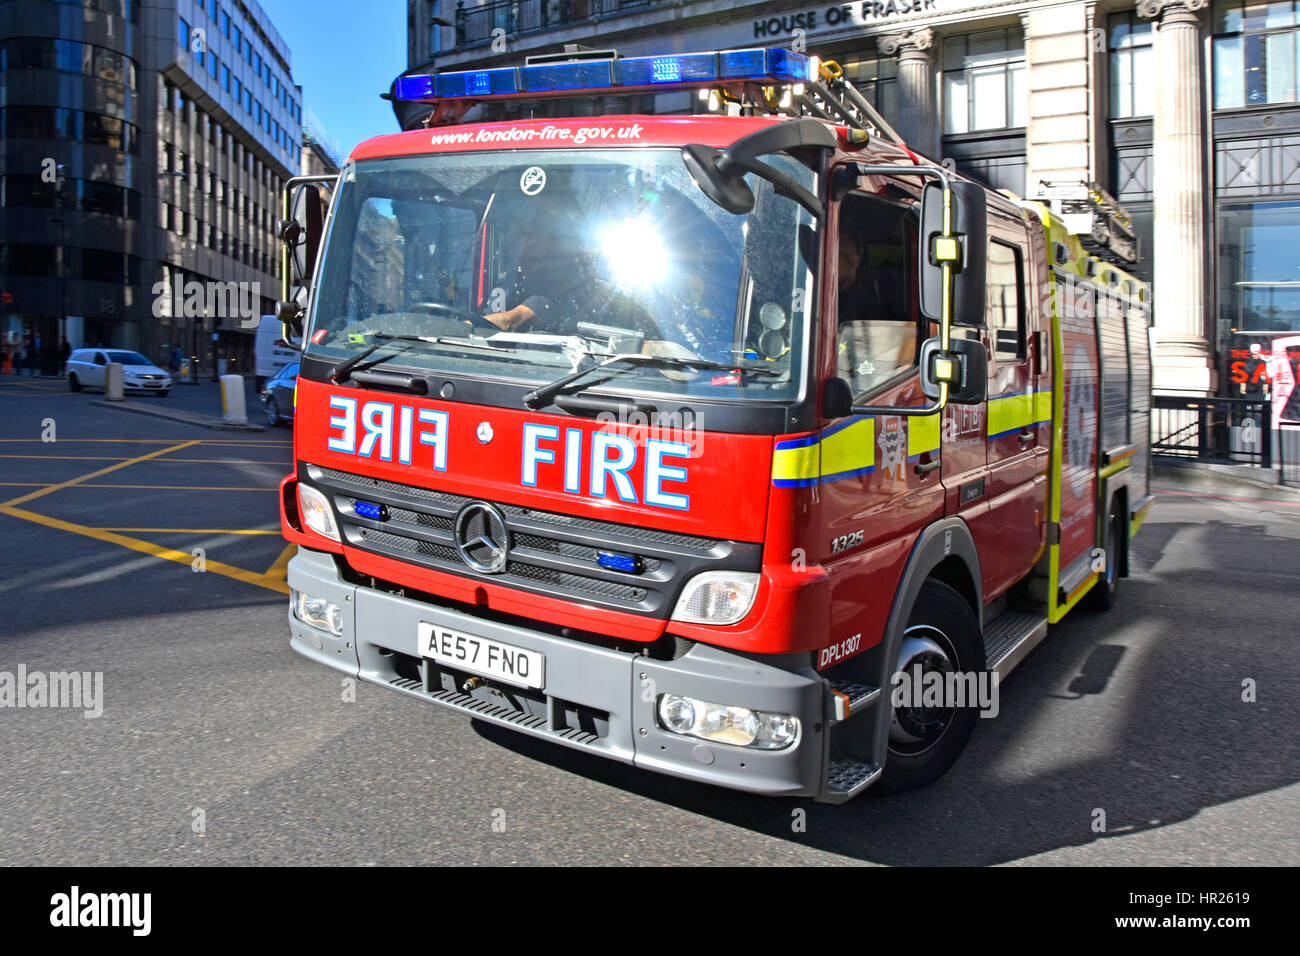 Les services d'urgence moteur feu sun flare uk réponse sur le pare-brise de London fire brigade Mercedes Benz appareil feux bleus sur l'appel d'urgence 999 Banque D'Images